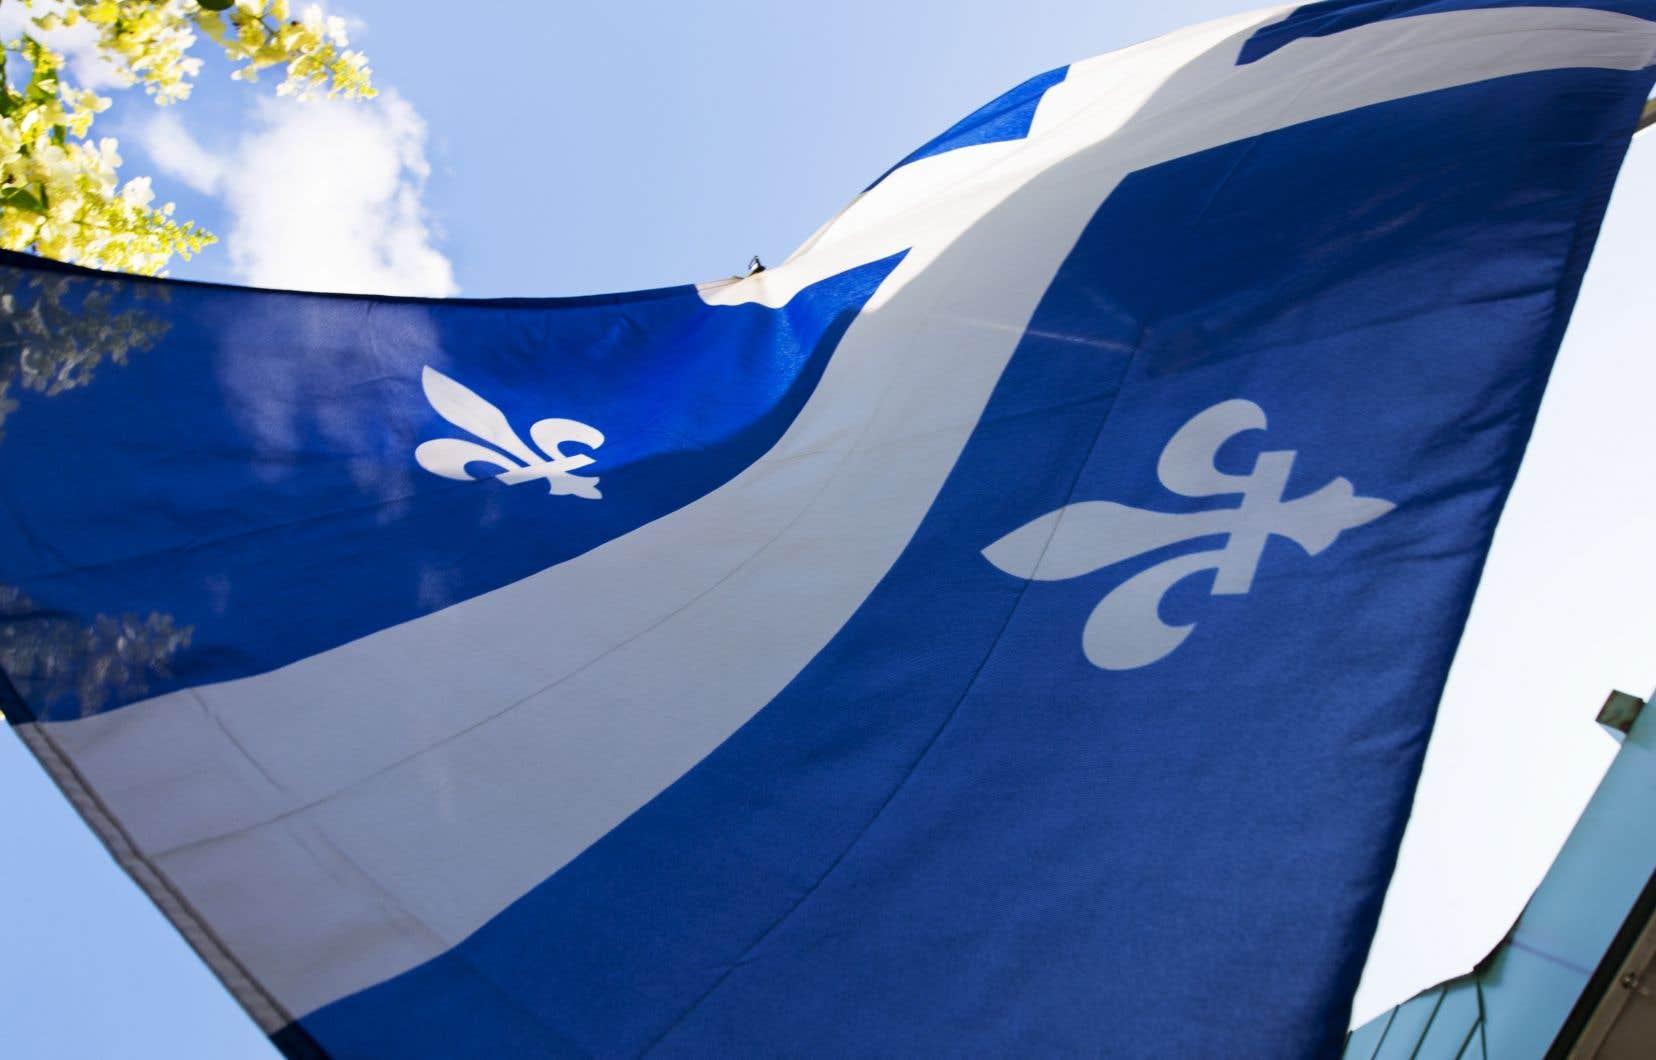 «La question de l'indépendance se situe à un autre niveau que celle des choix politiques entre la gauche, le centre ou la droite», soutient l'auteur.